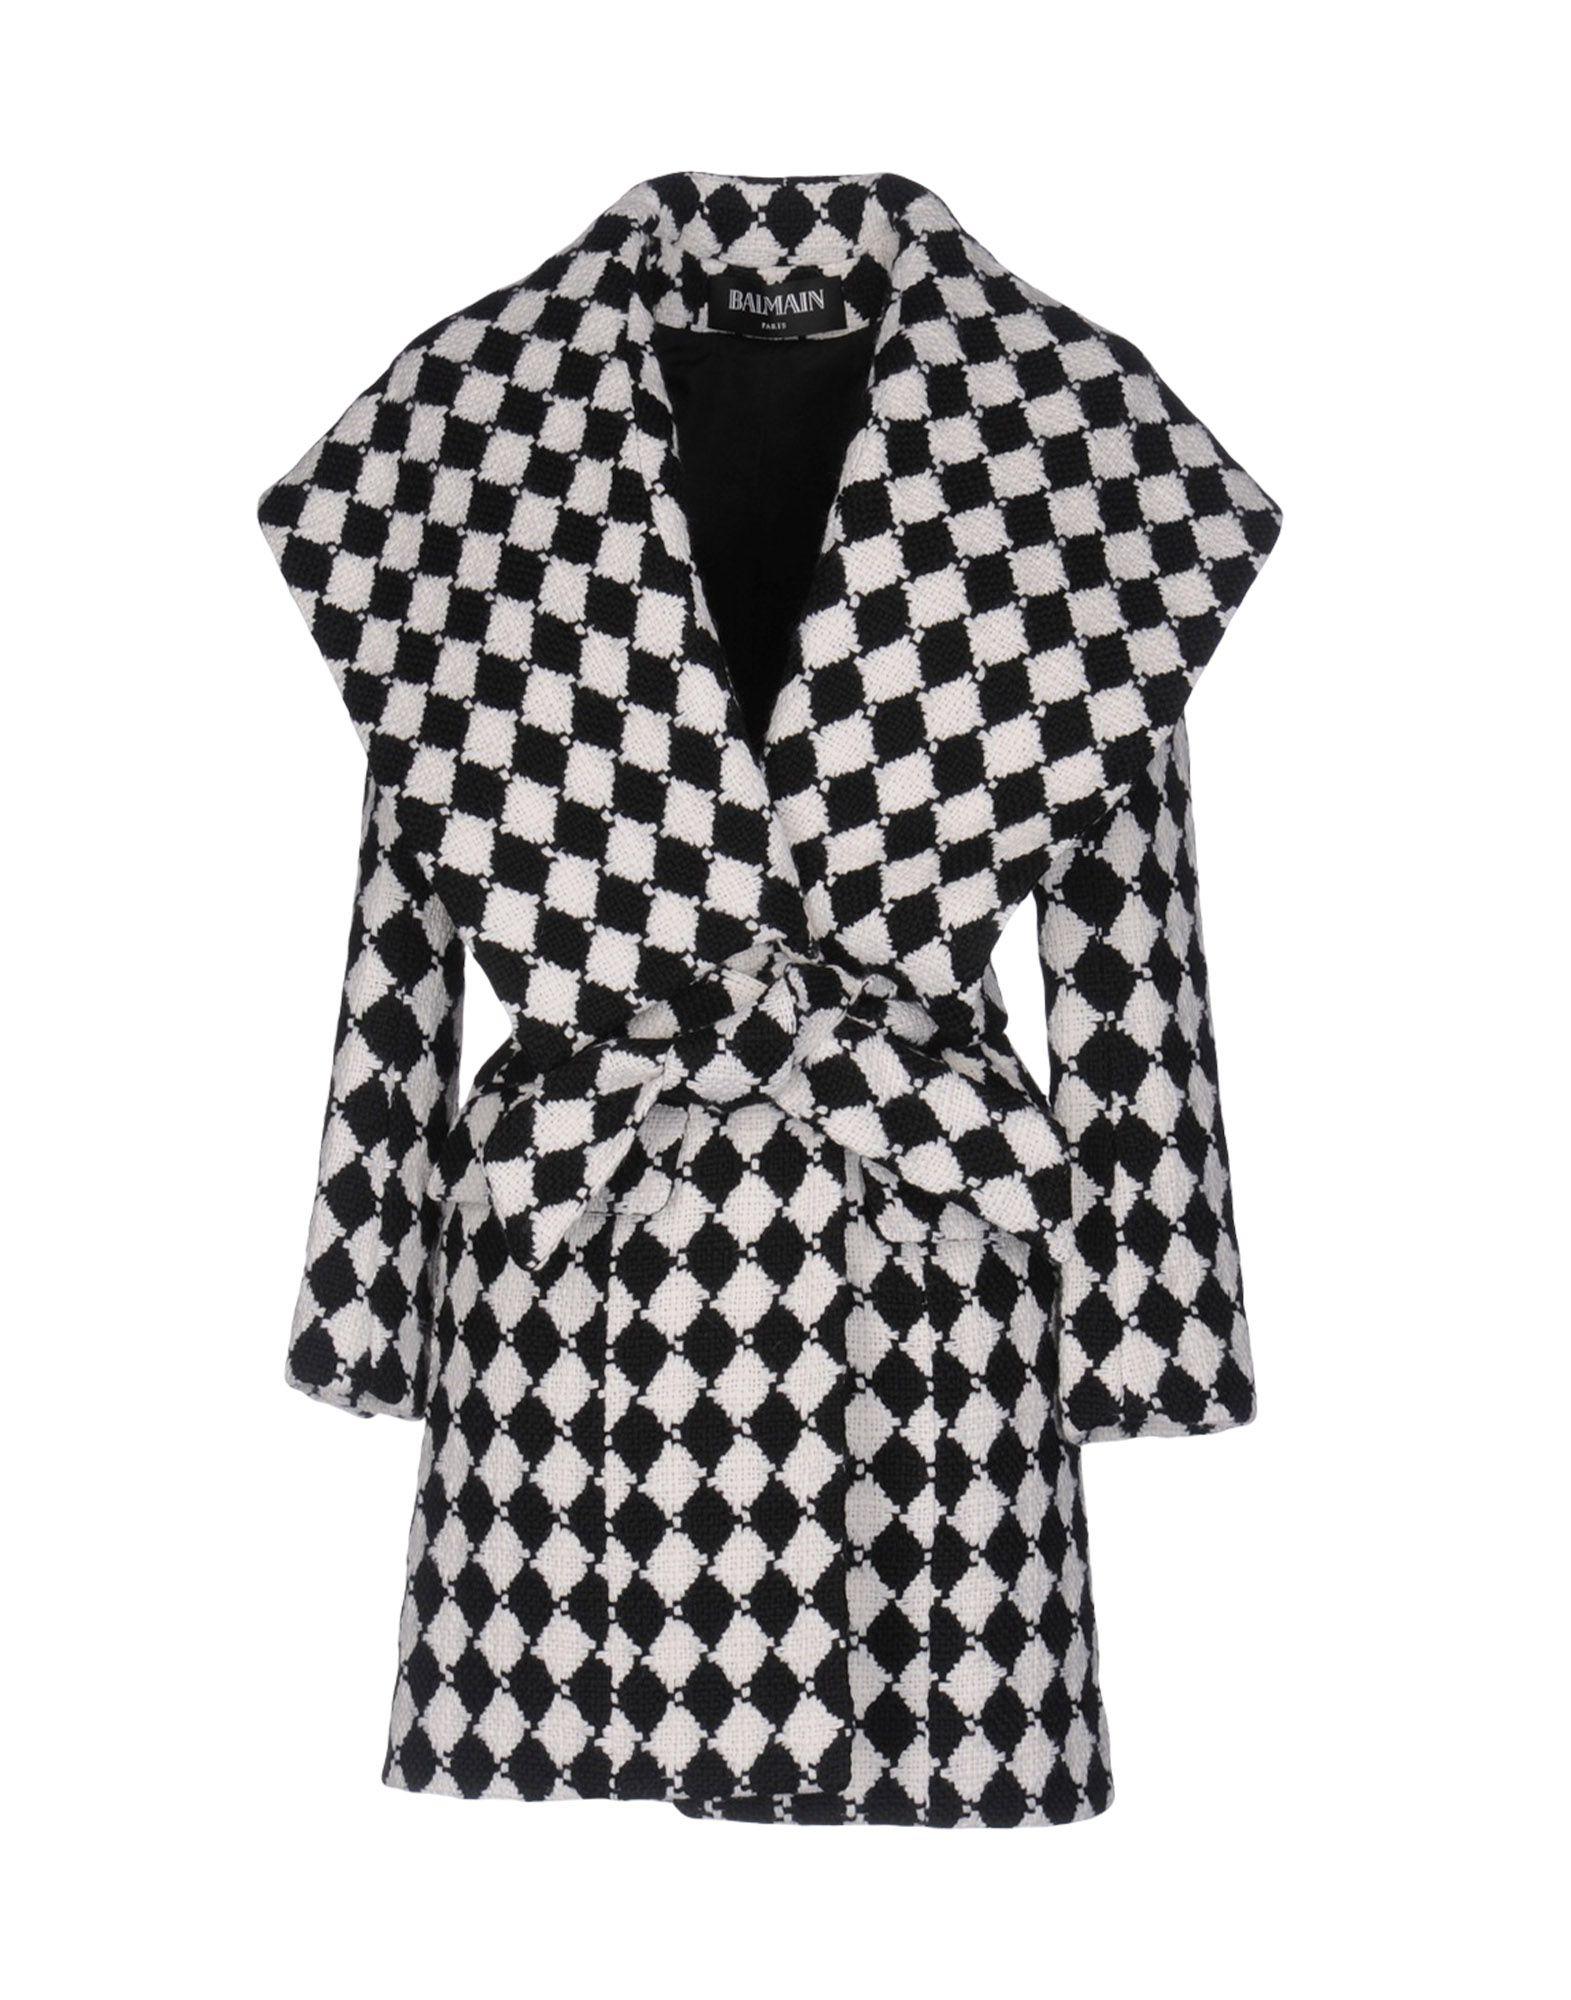 볼메인 코트 자켓 진 여성 의류 패션 BALMAIN